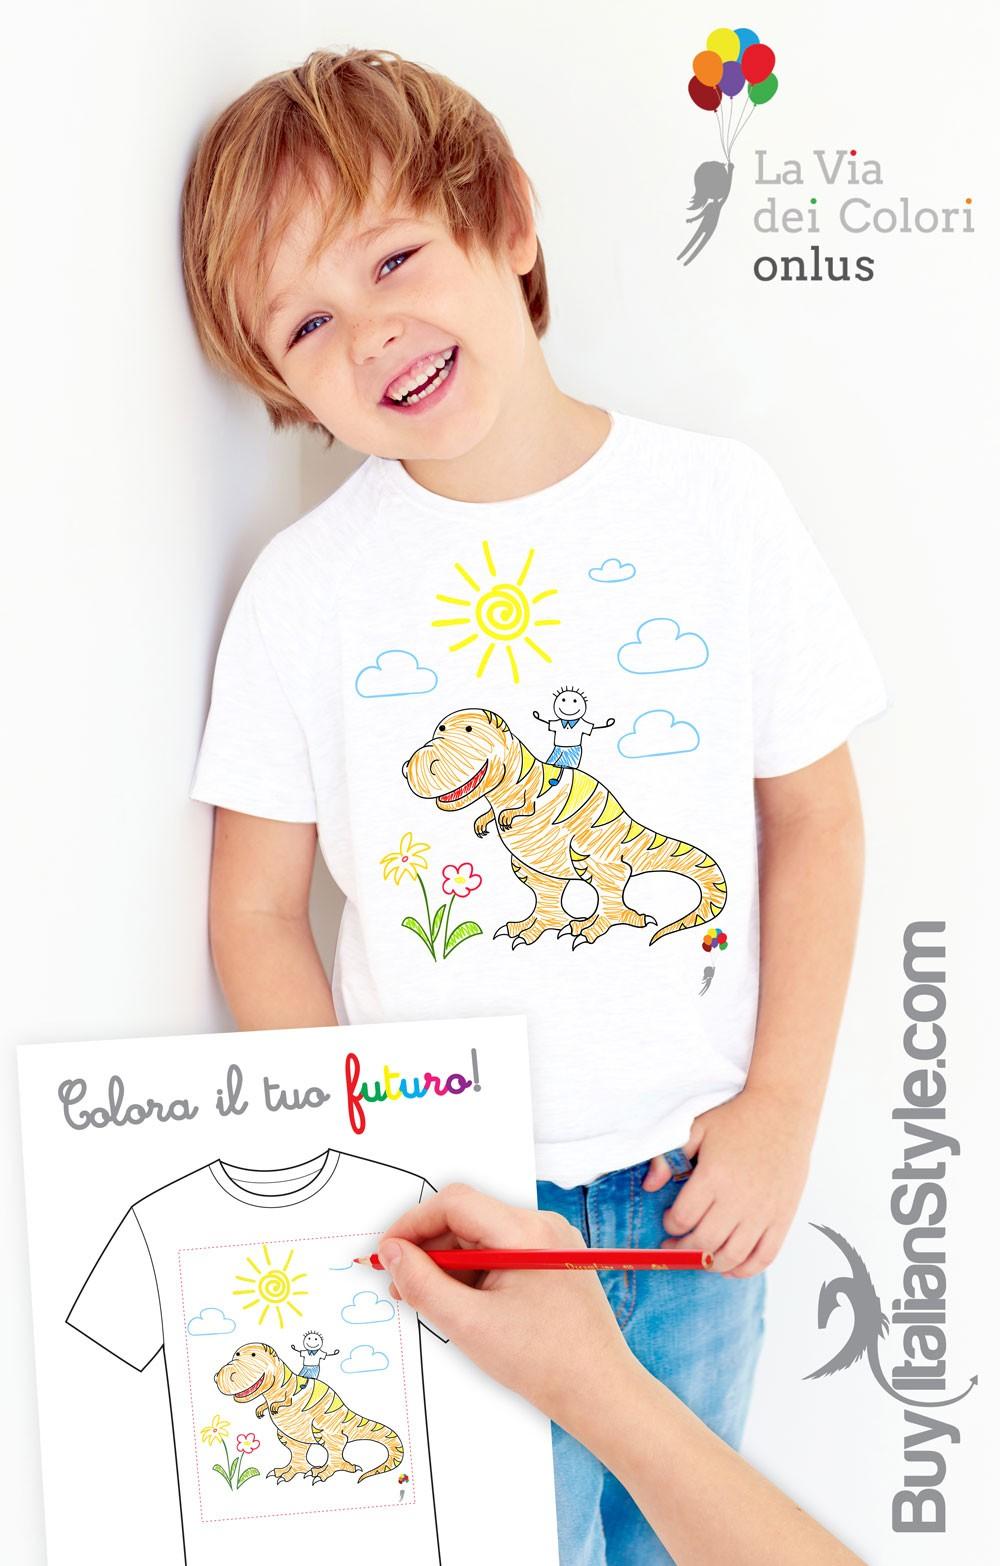 Colora il tuo futuro crea la tua maglietta e sostieni la for Crea la tua casa dei sogni